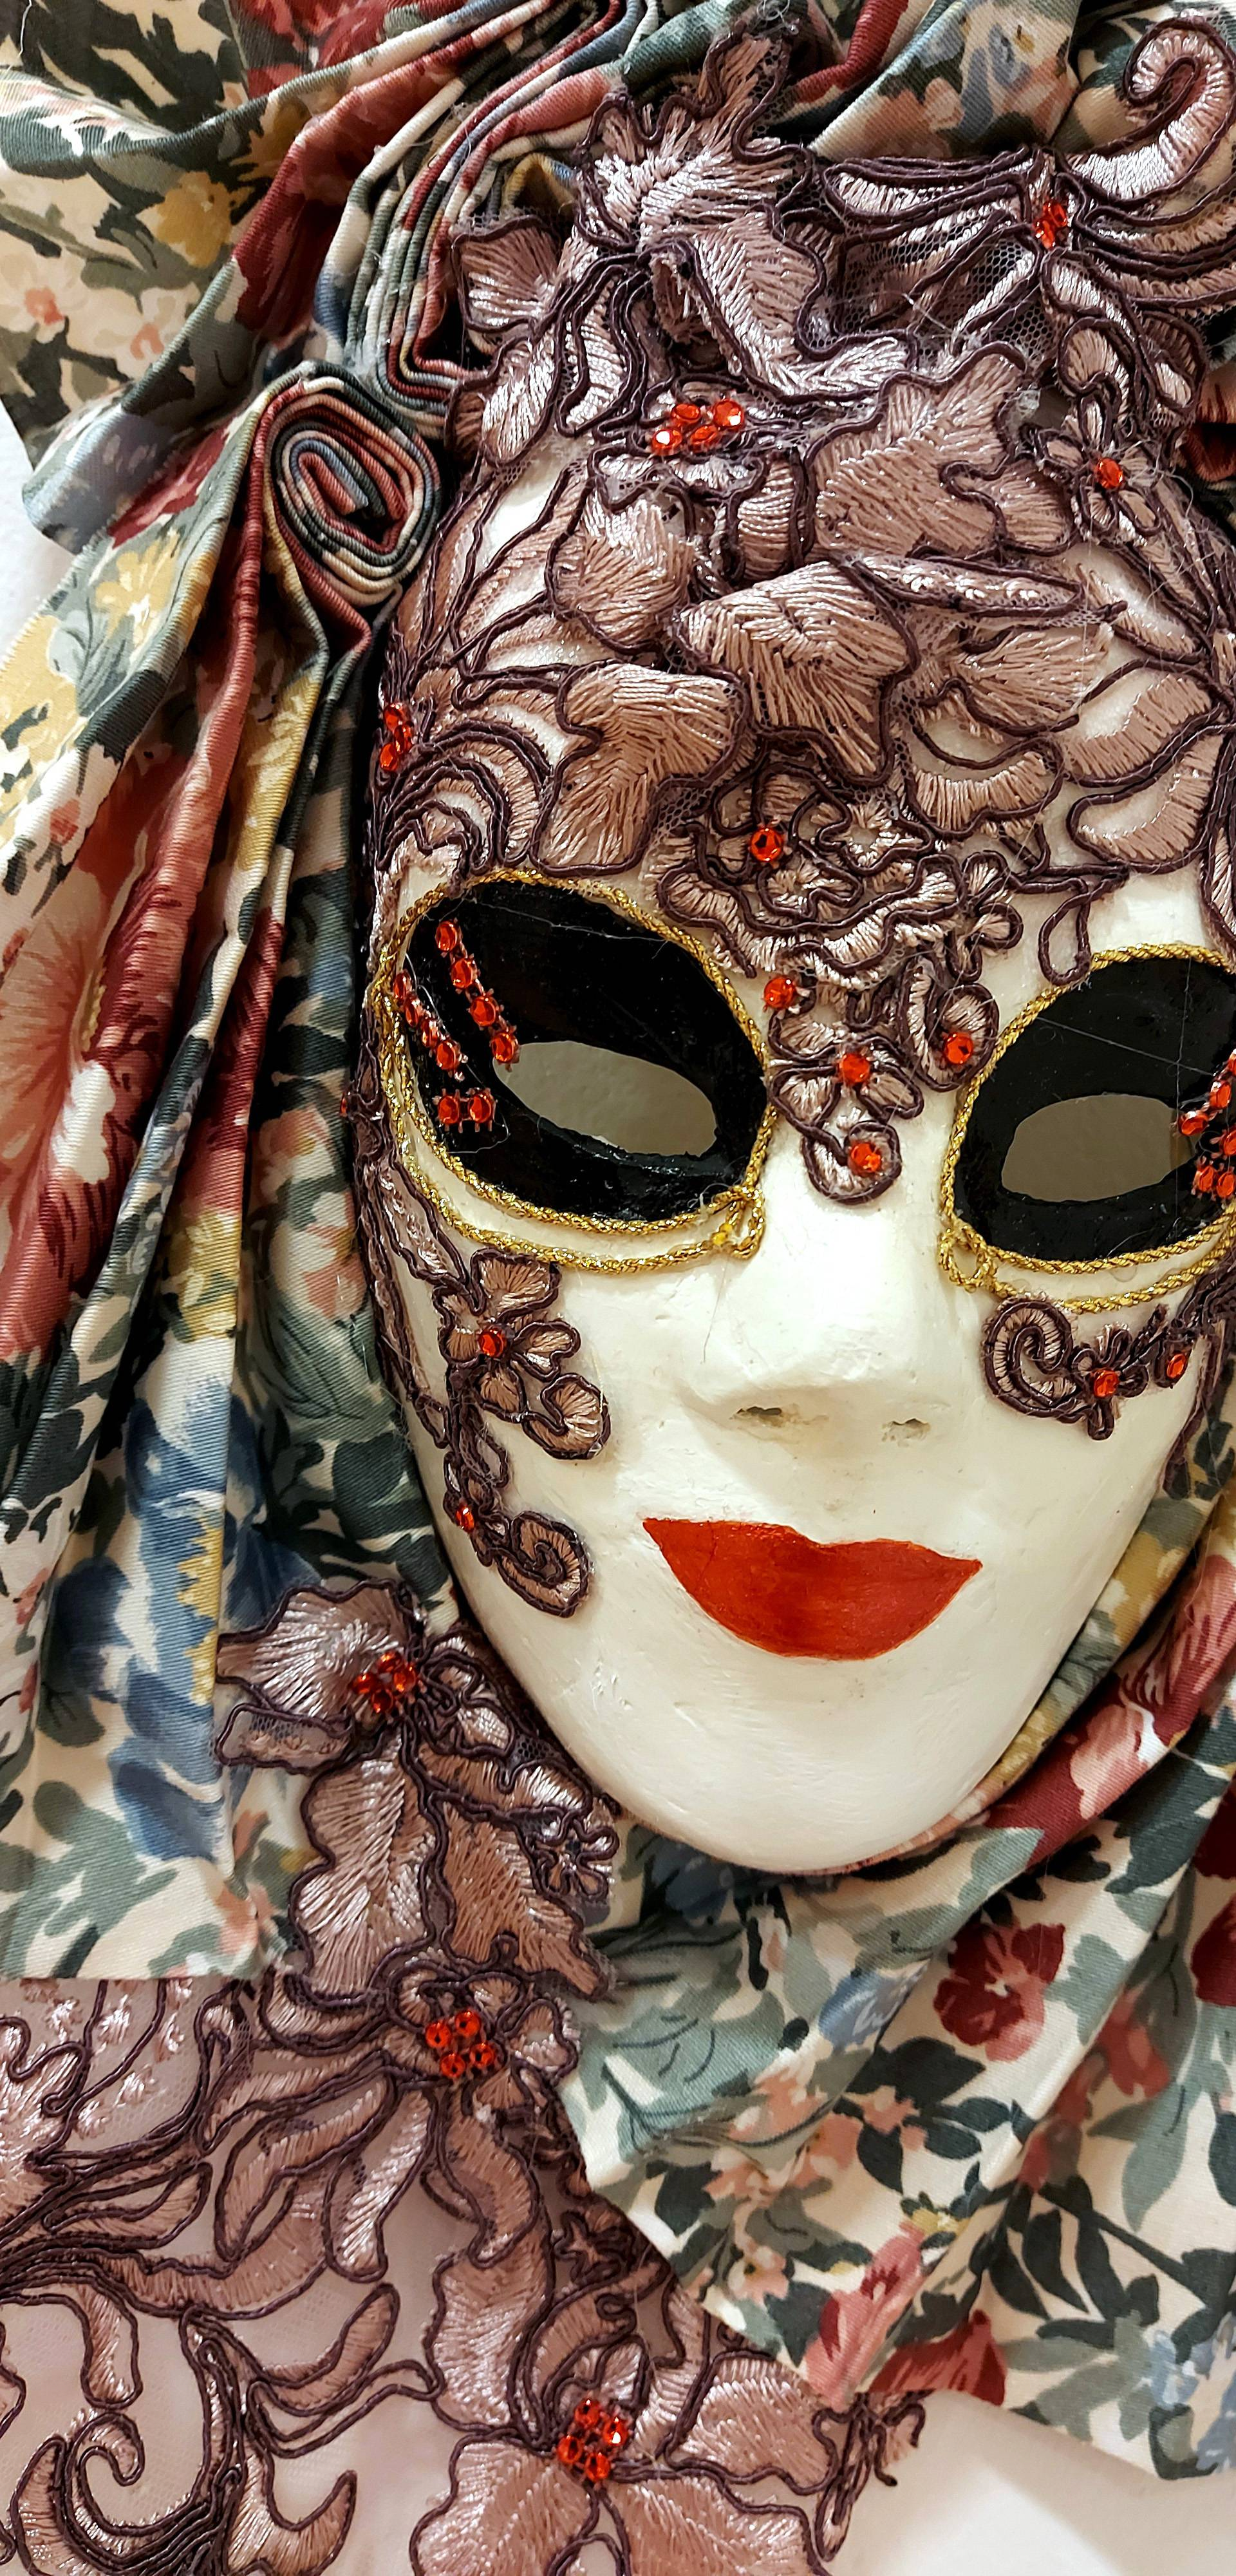 Šibenik: Otvorena je izložba maski i krinki Janje Parač